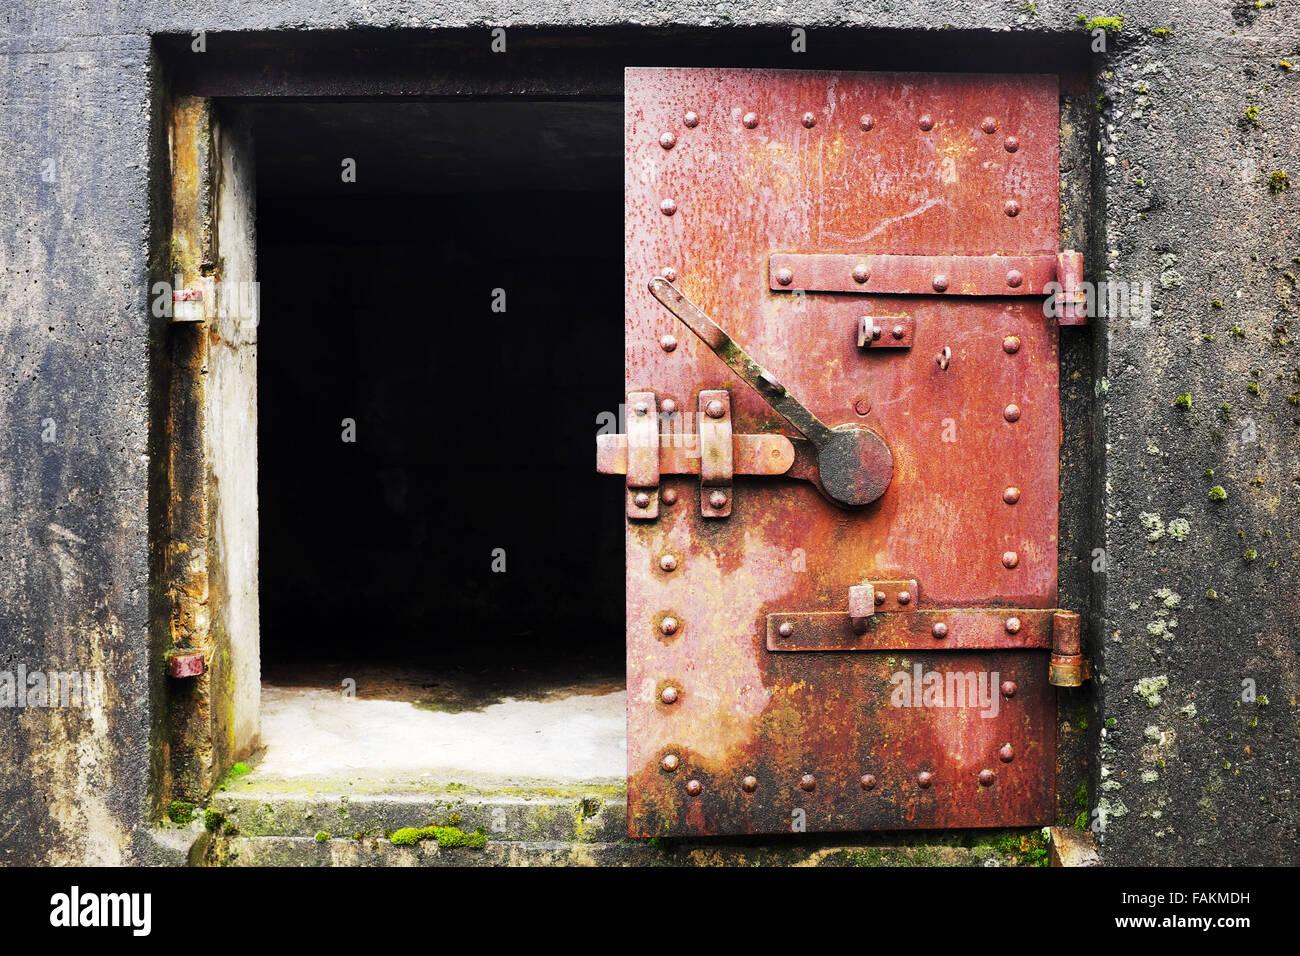 Open rusty red steel door in concrete bunker window Artillery Hill Fort Worden State Park Port Townsend Washington USA & Open rusty red steel door in concrete bunker window Artillery Hill ...